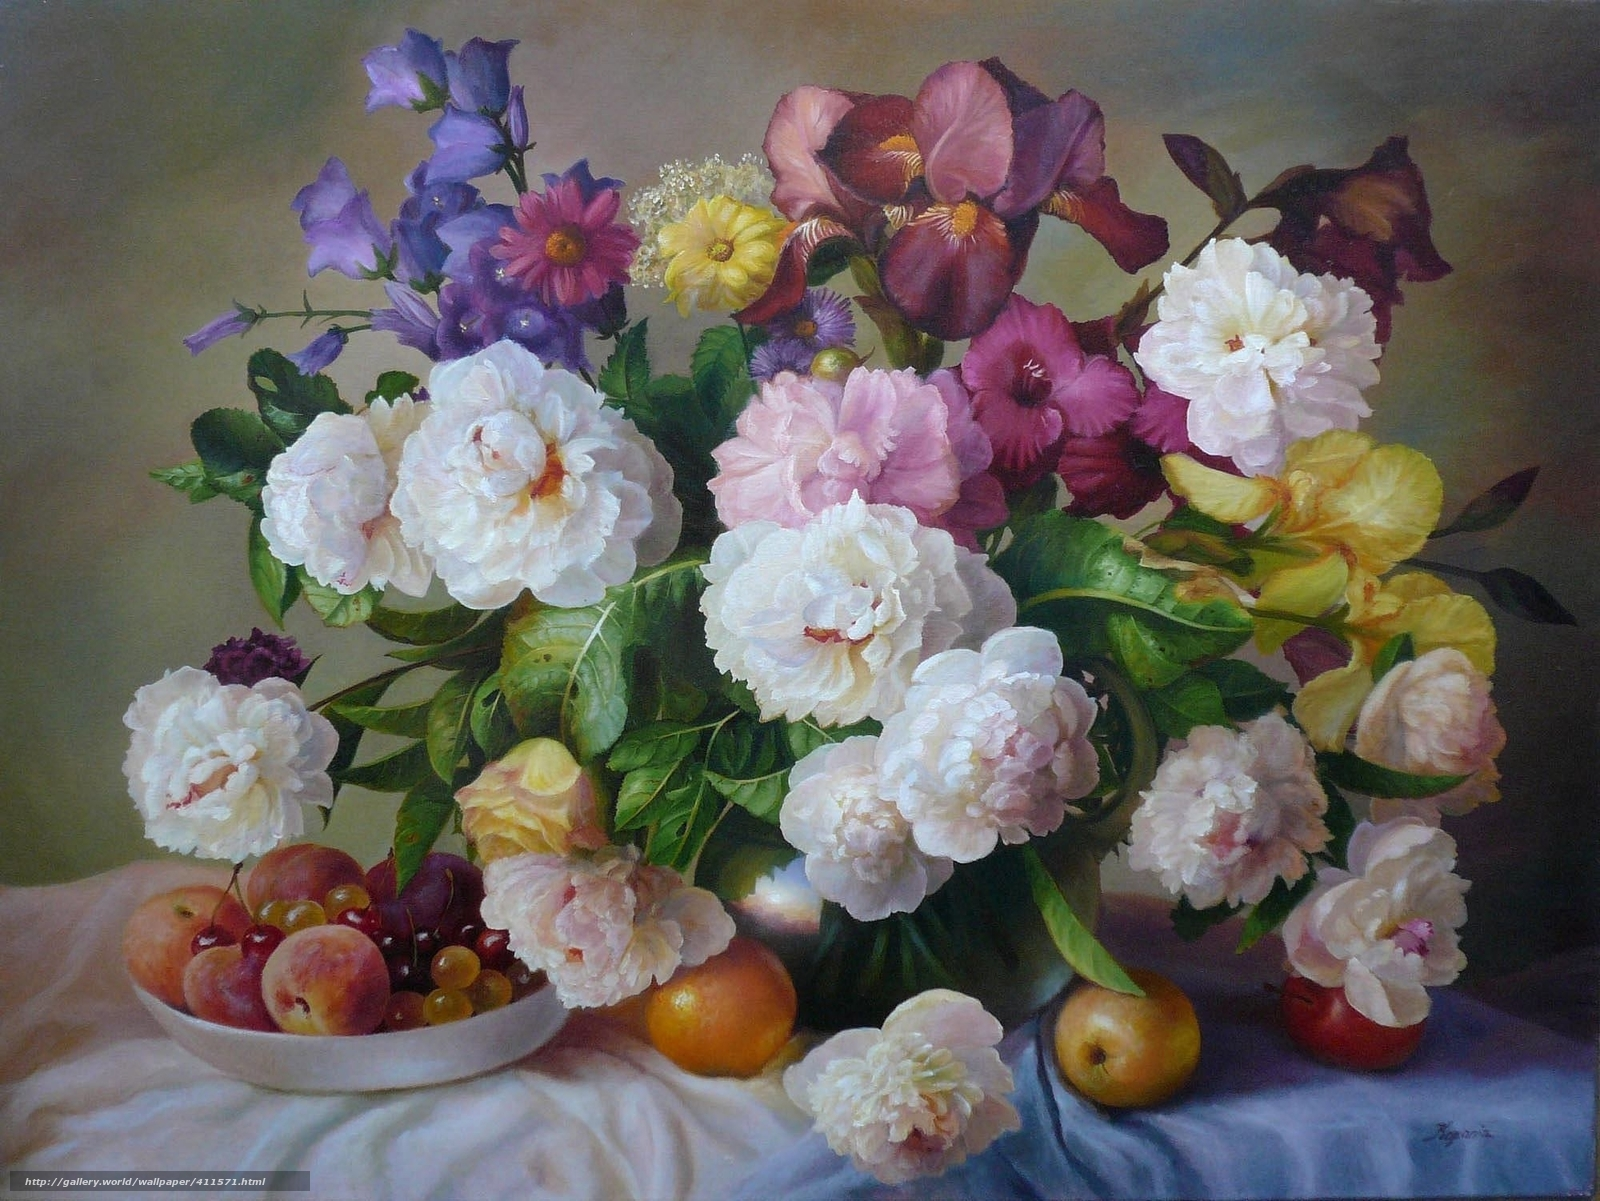 Скачать обои букет,  цветы,  фрукты,  живопись бесплатно для рабочего стола в разрешении 2000x1501 — картинка №411571